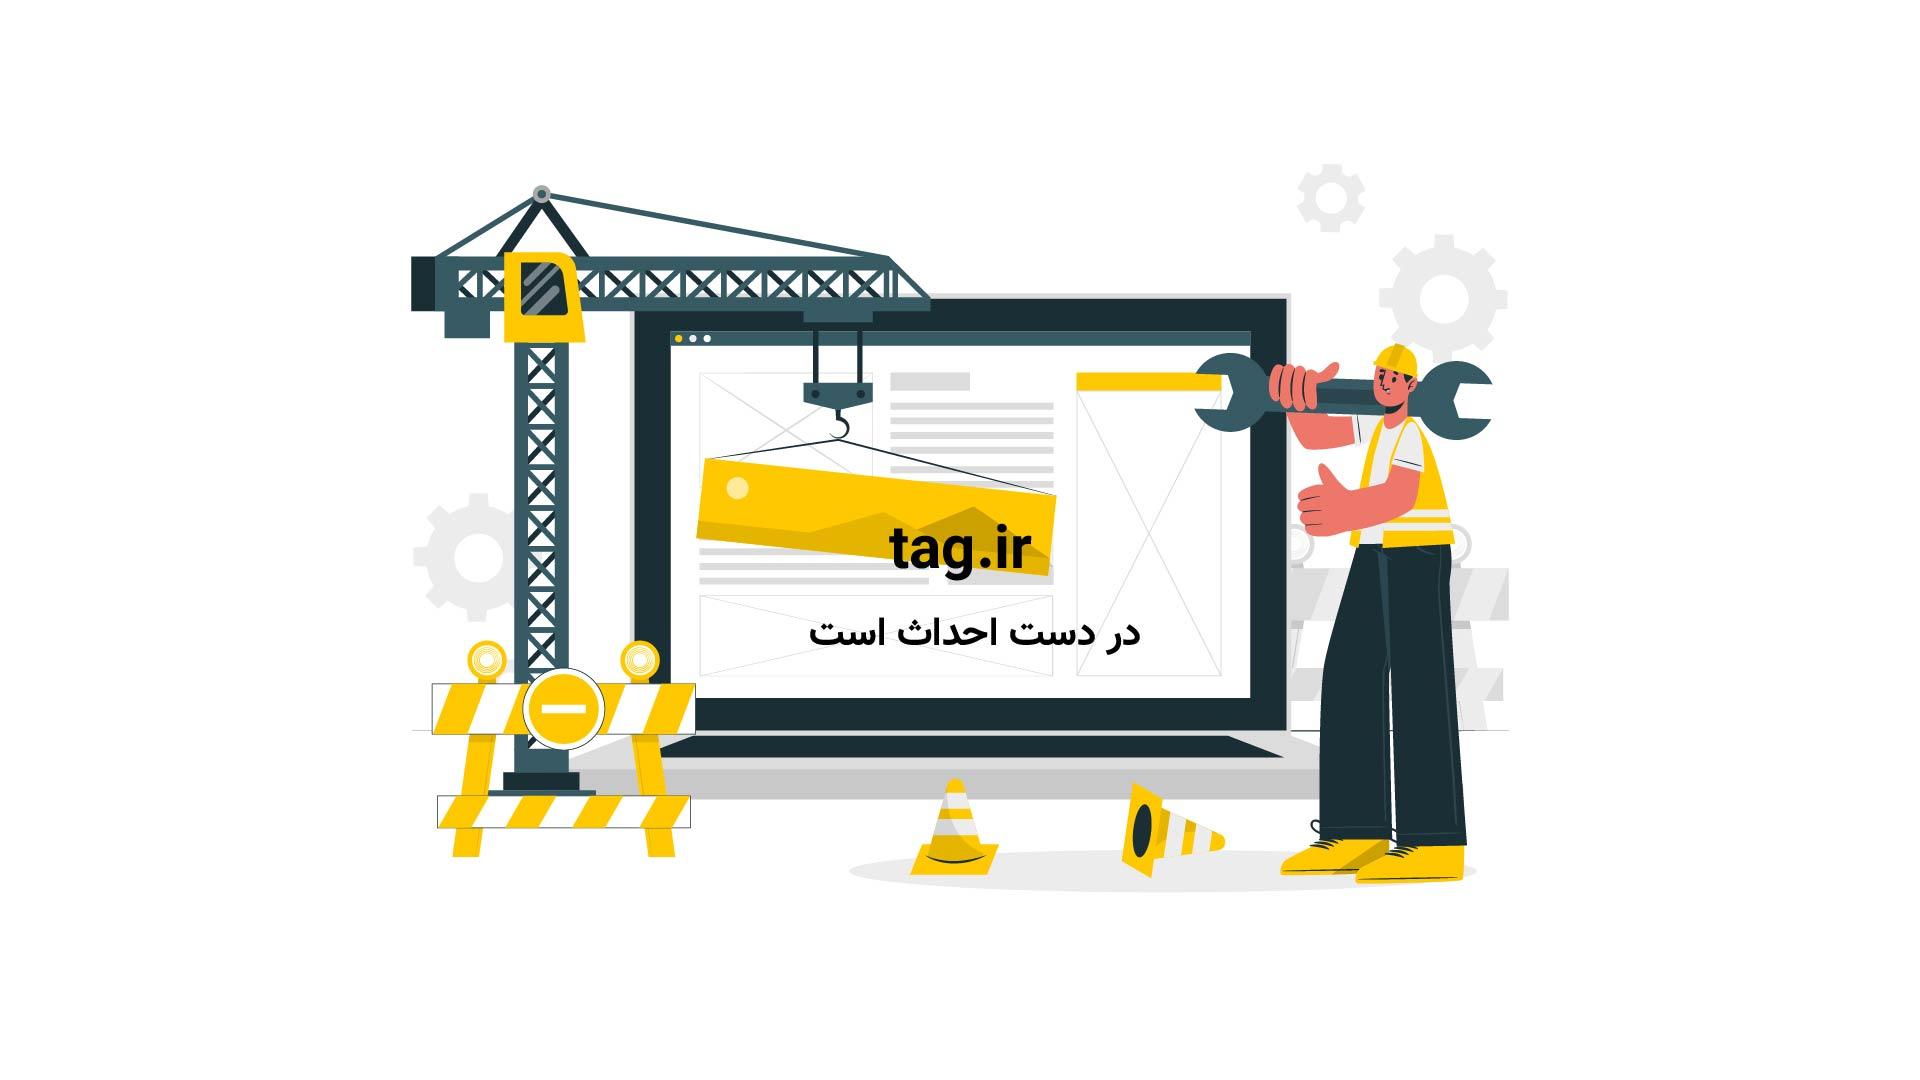 هشدار وزارت خارجه آمریکا نسبت به افزایش حملات تروریستی در اروپا | فیلم